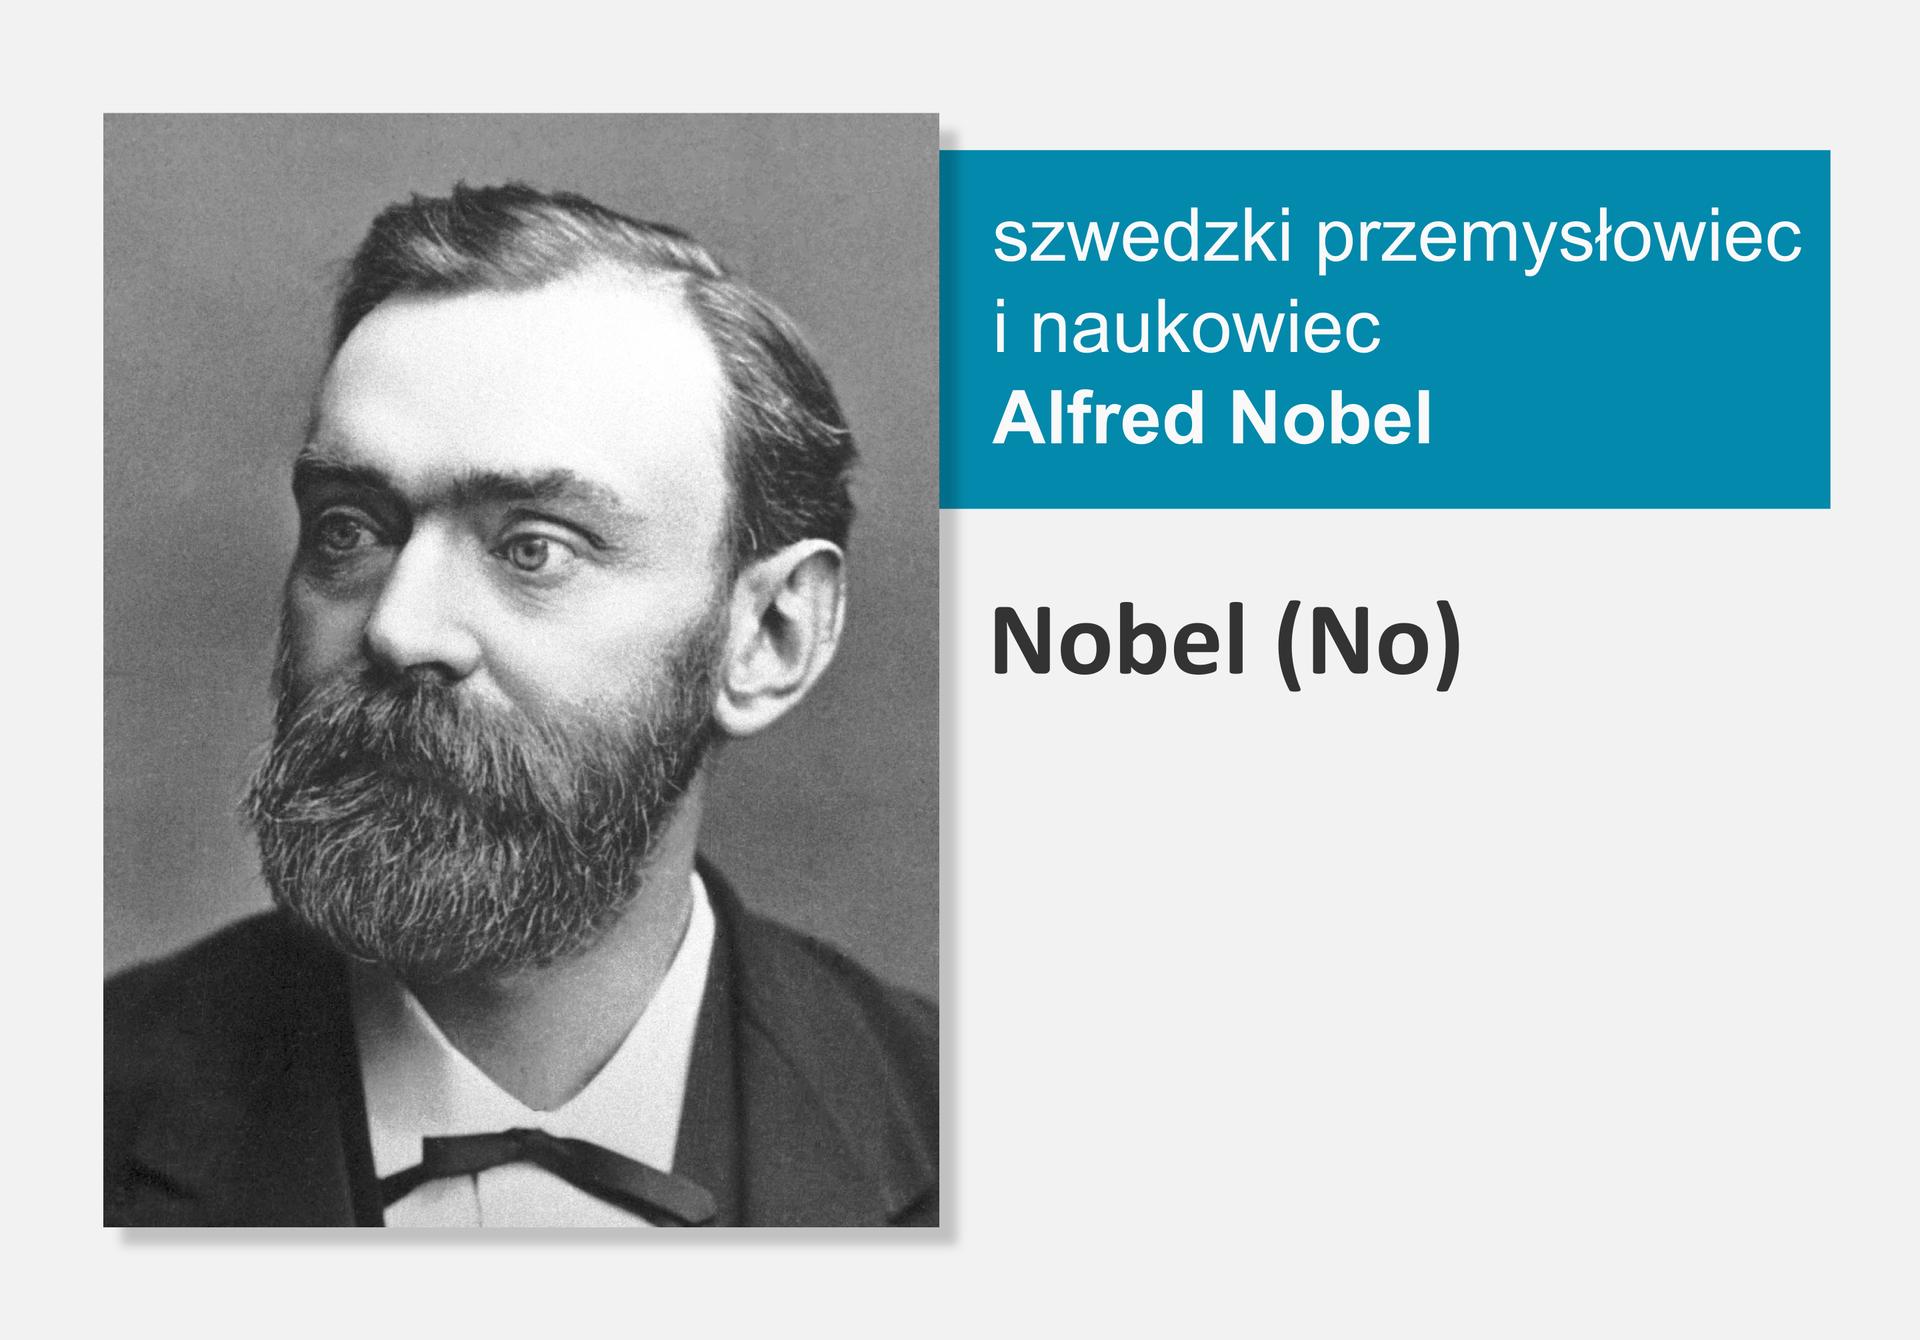 Fotografia szwedzkiego przemysłowca inaukowca Alfreda Nobla, obok nazwa isymbol pierwiastka Nobel (No)